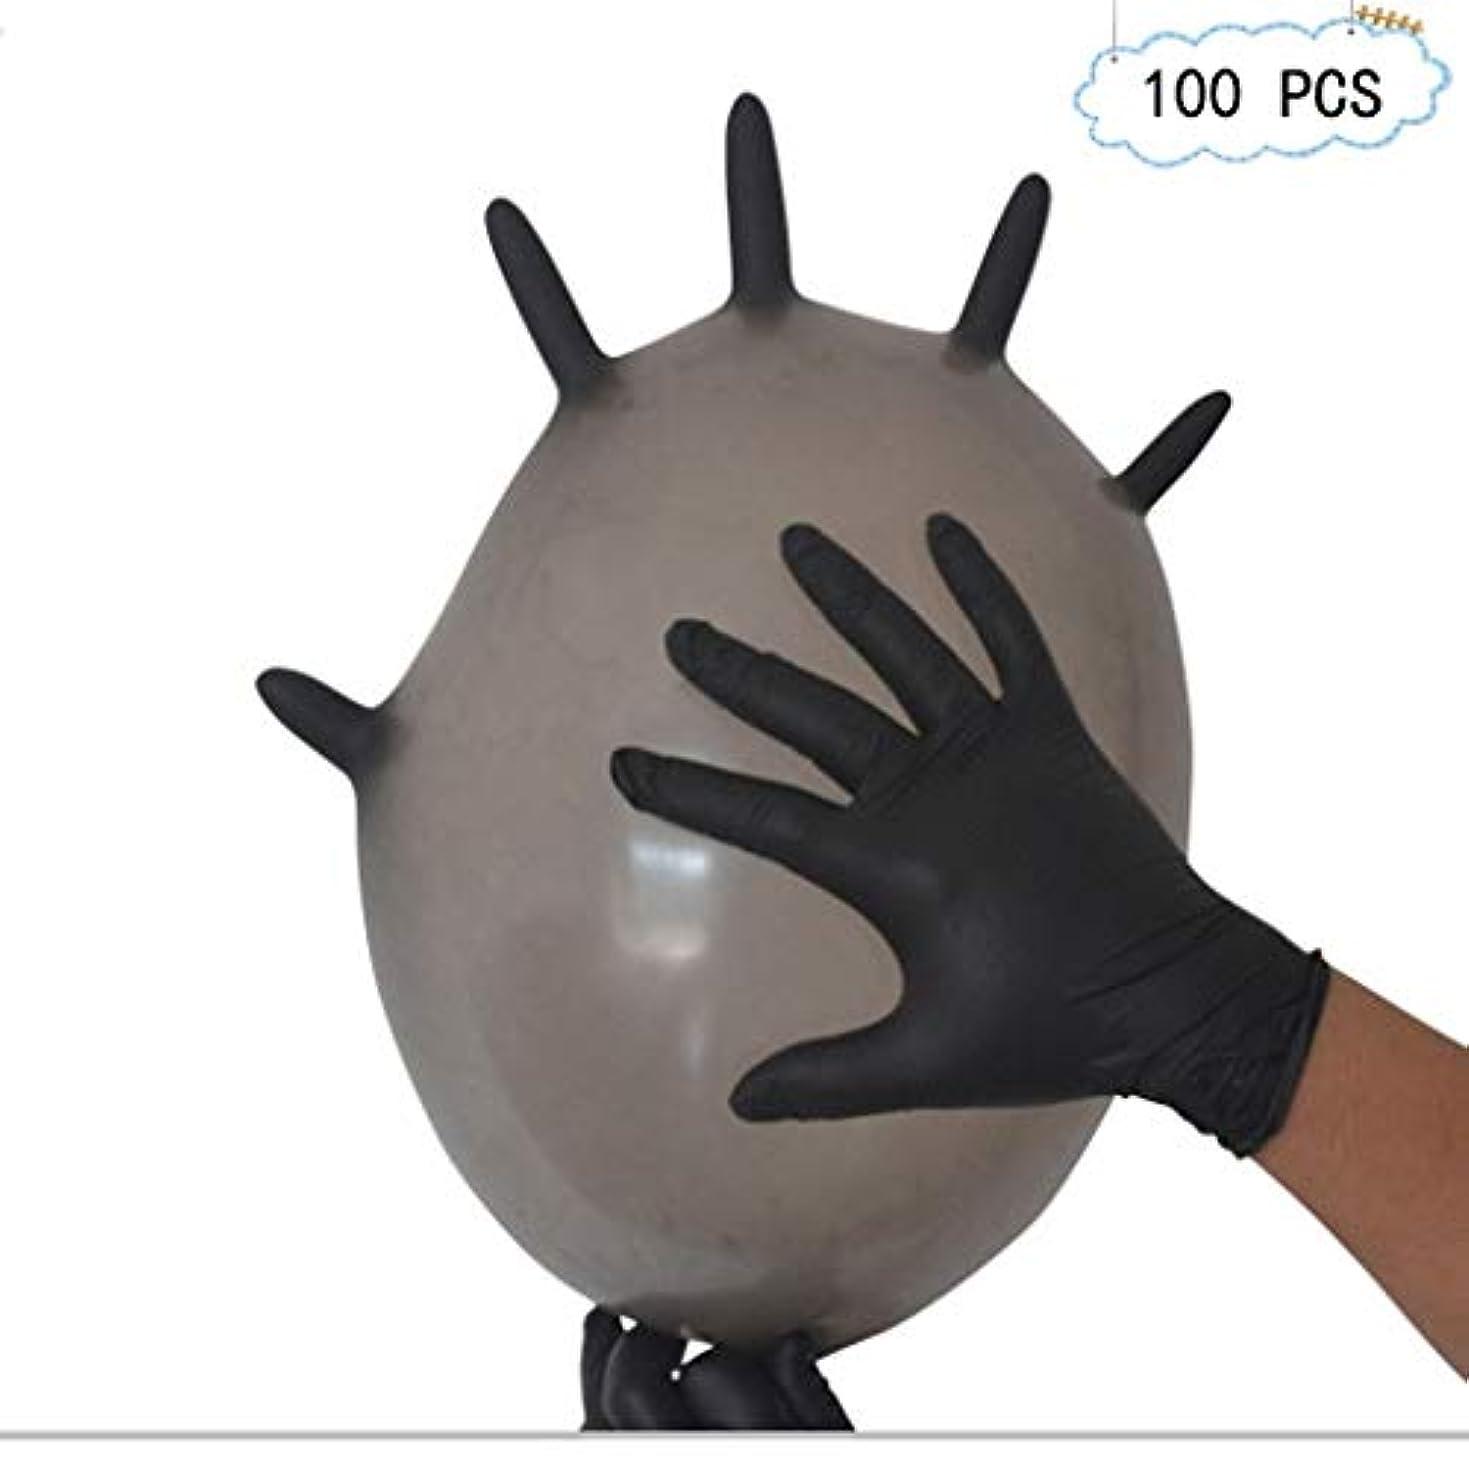 おそらくプラカードエイズニトリル手袋使い捨てニトリル手袋耐油性試験黒色タトゥー産業労働保険ゴム製食器洗いデューティー試験手袋|病院向けのプロフェッショナルグレード (Size : L)